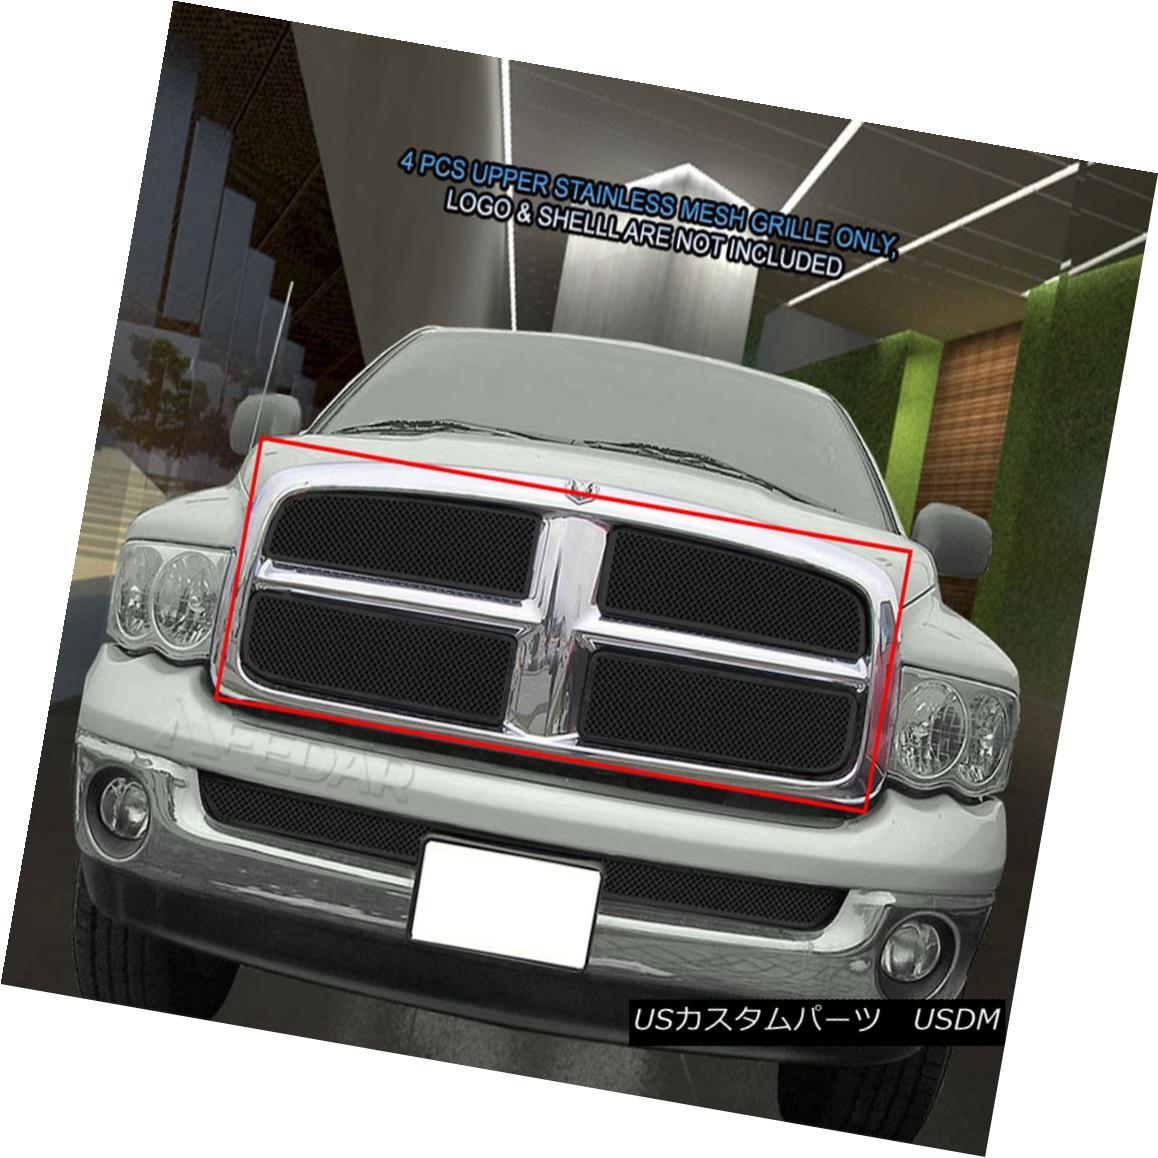 グリル For 02-05 Dodge Ram 1500 2500 3500 Black Stainless Mesh Grille Upper 4 Pcs Fedar 02-05 Dodge Ram用1500 2500 3500ブラックステンレスメッシュグリルアッパー4個入りFedar